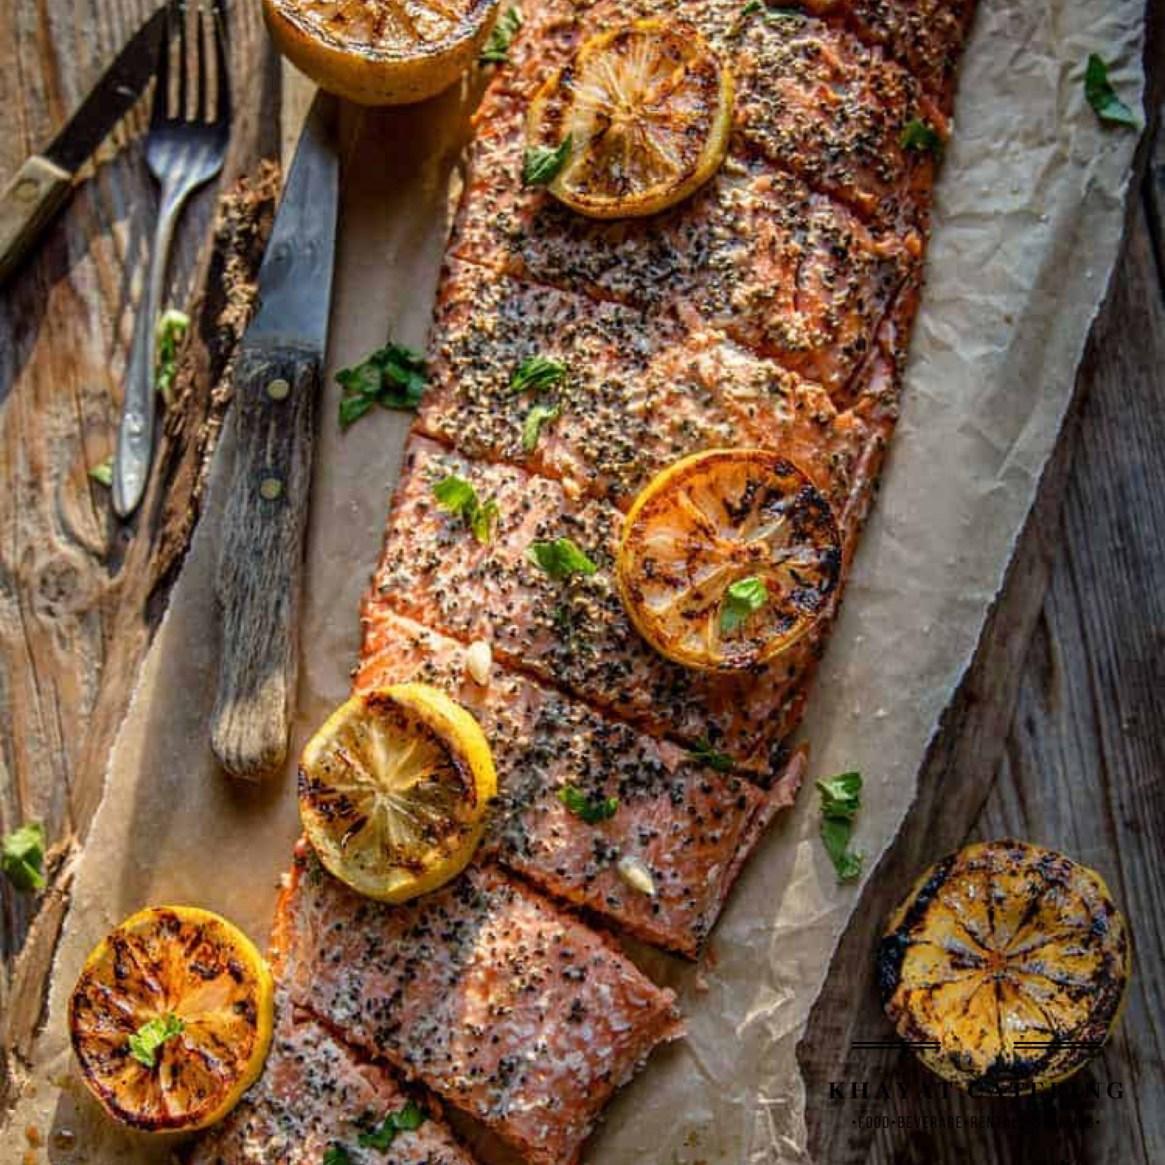 Khayat Catering whole smoked salmon